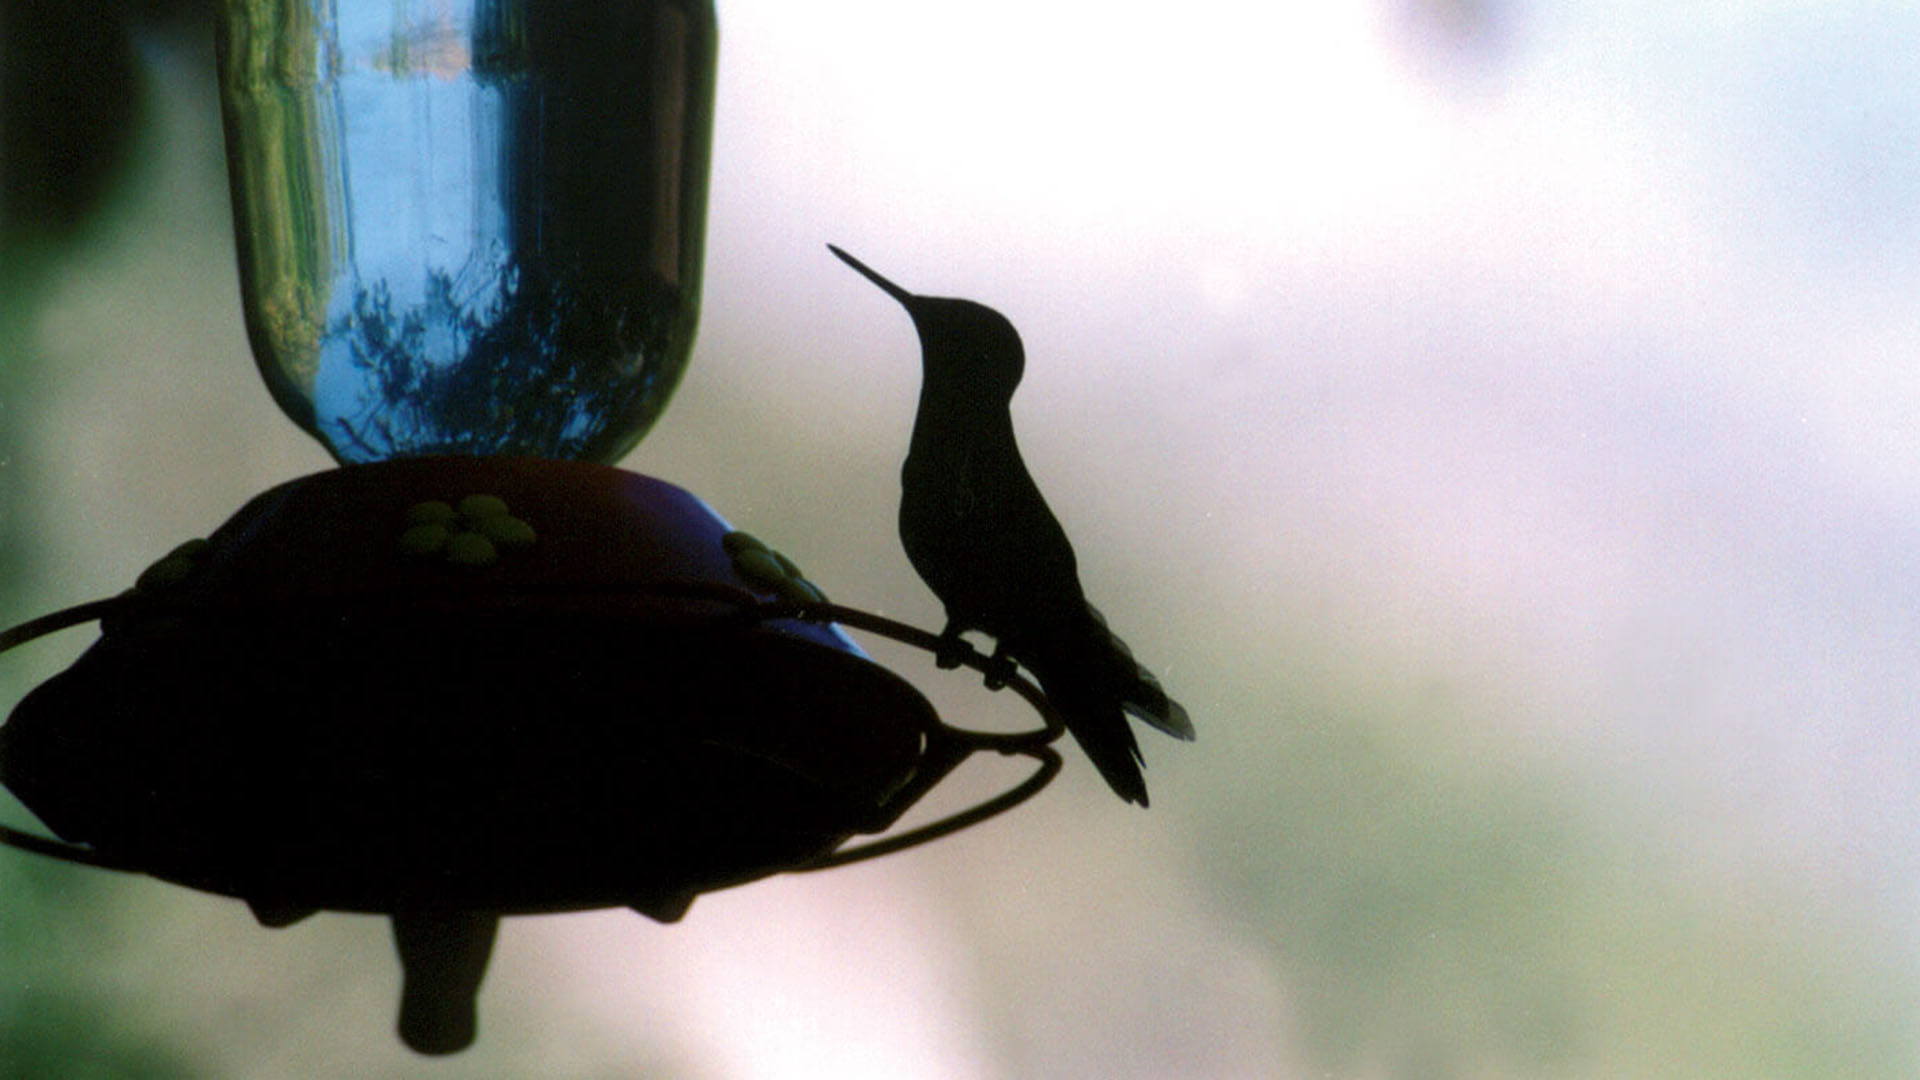 Para Inkaterra el contacto con la naturaleza es esencial en la estadía. Las cientos de especies de aves están invitadas a formar parte del viaje con dispositivos mezclados entre los viajeros